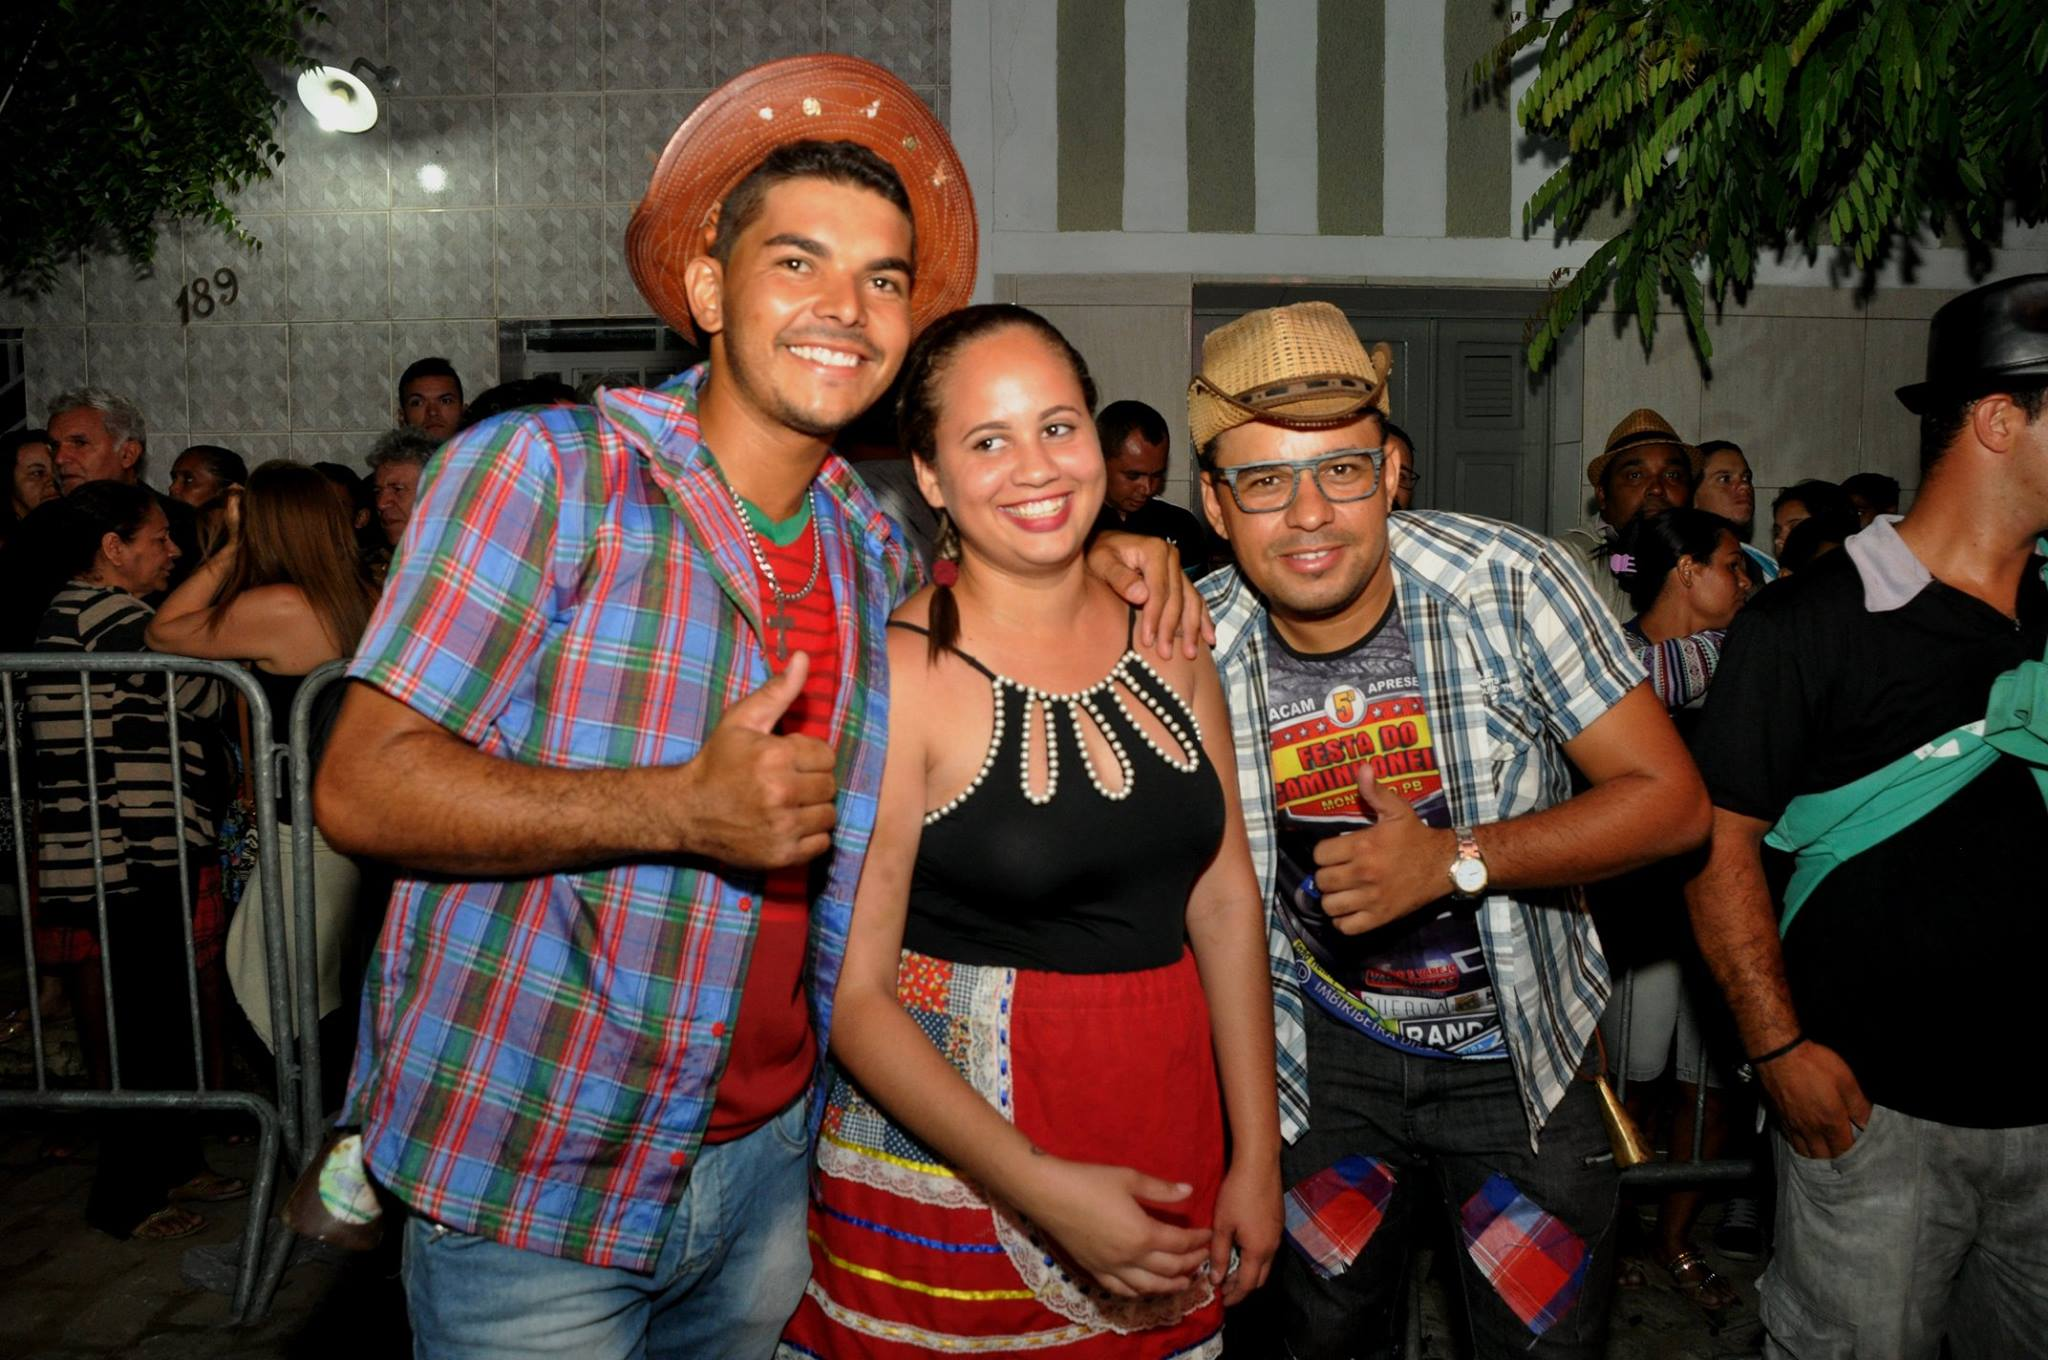 19095382_1899326723673851_2114947886278020732_o-1024x680 OPIPOCO mostra como foi a Segunda noite do festival de quadrilhas em Monteiro. Confira Imagens